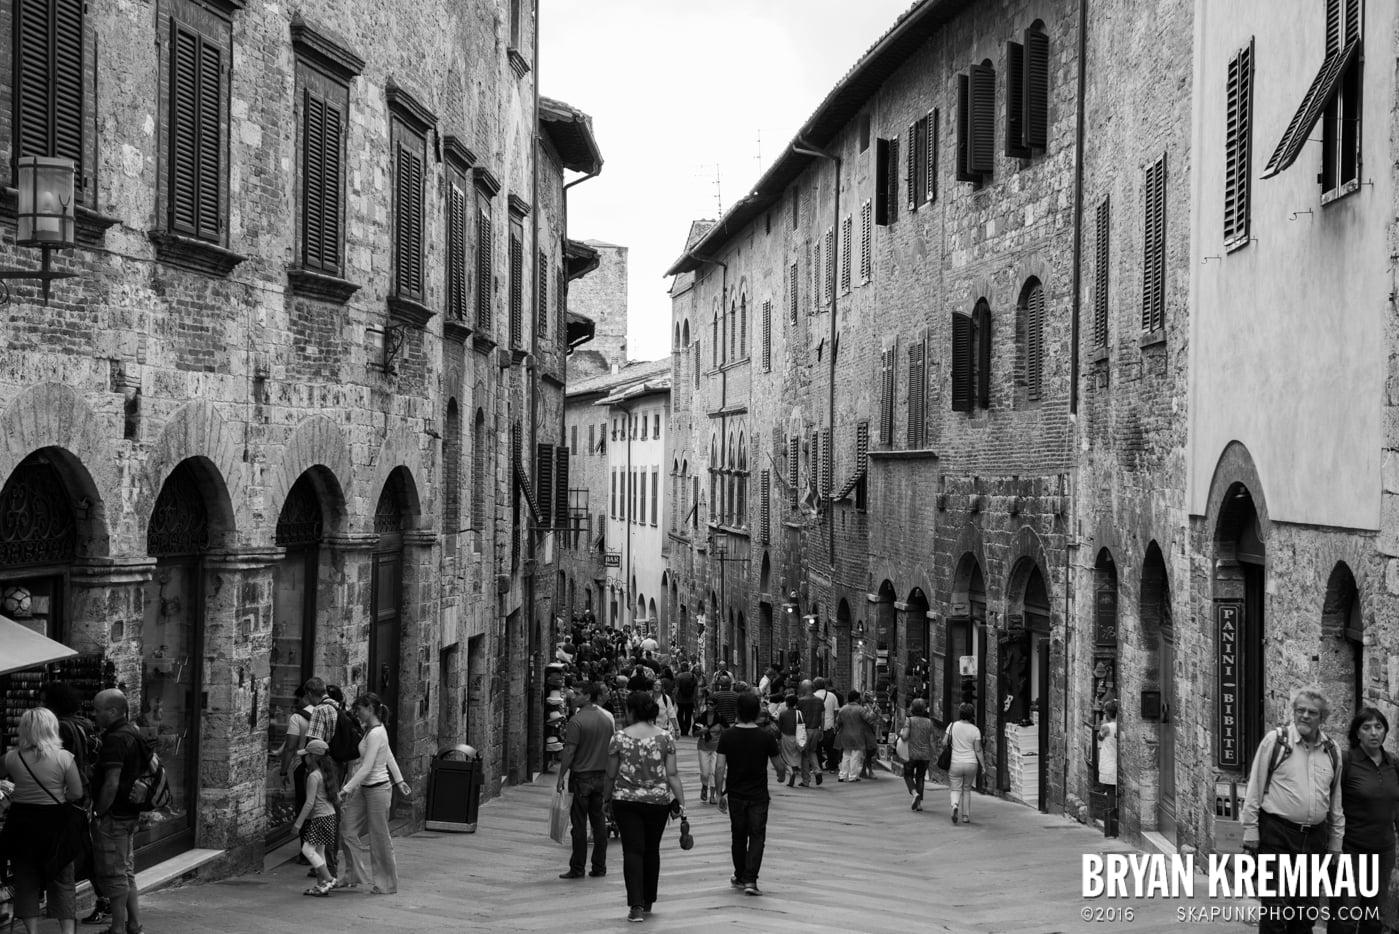 Italy Vacation - Day 8: Siena, San Gimignano, Chianti, Pisa - 9.16.13 (45)